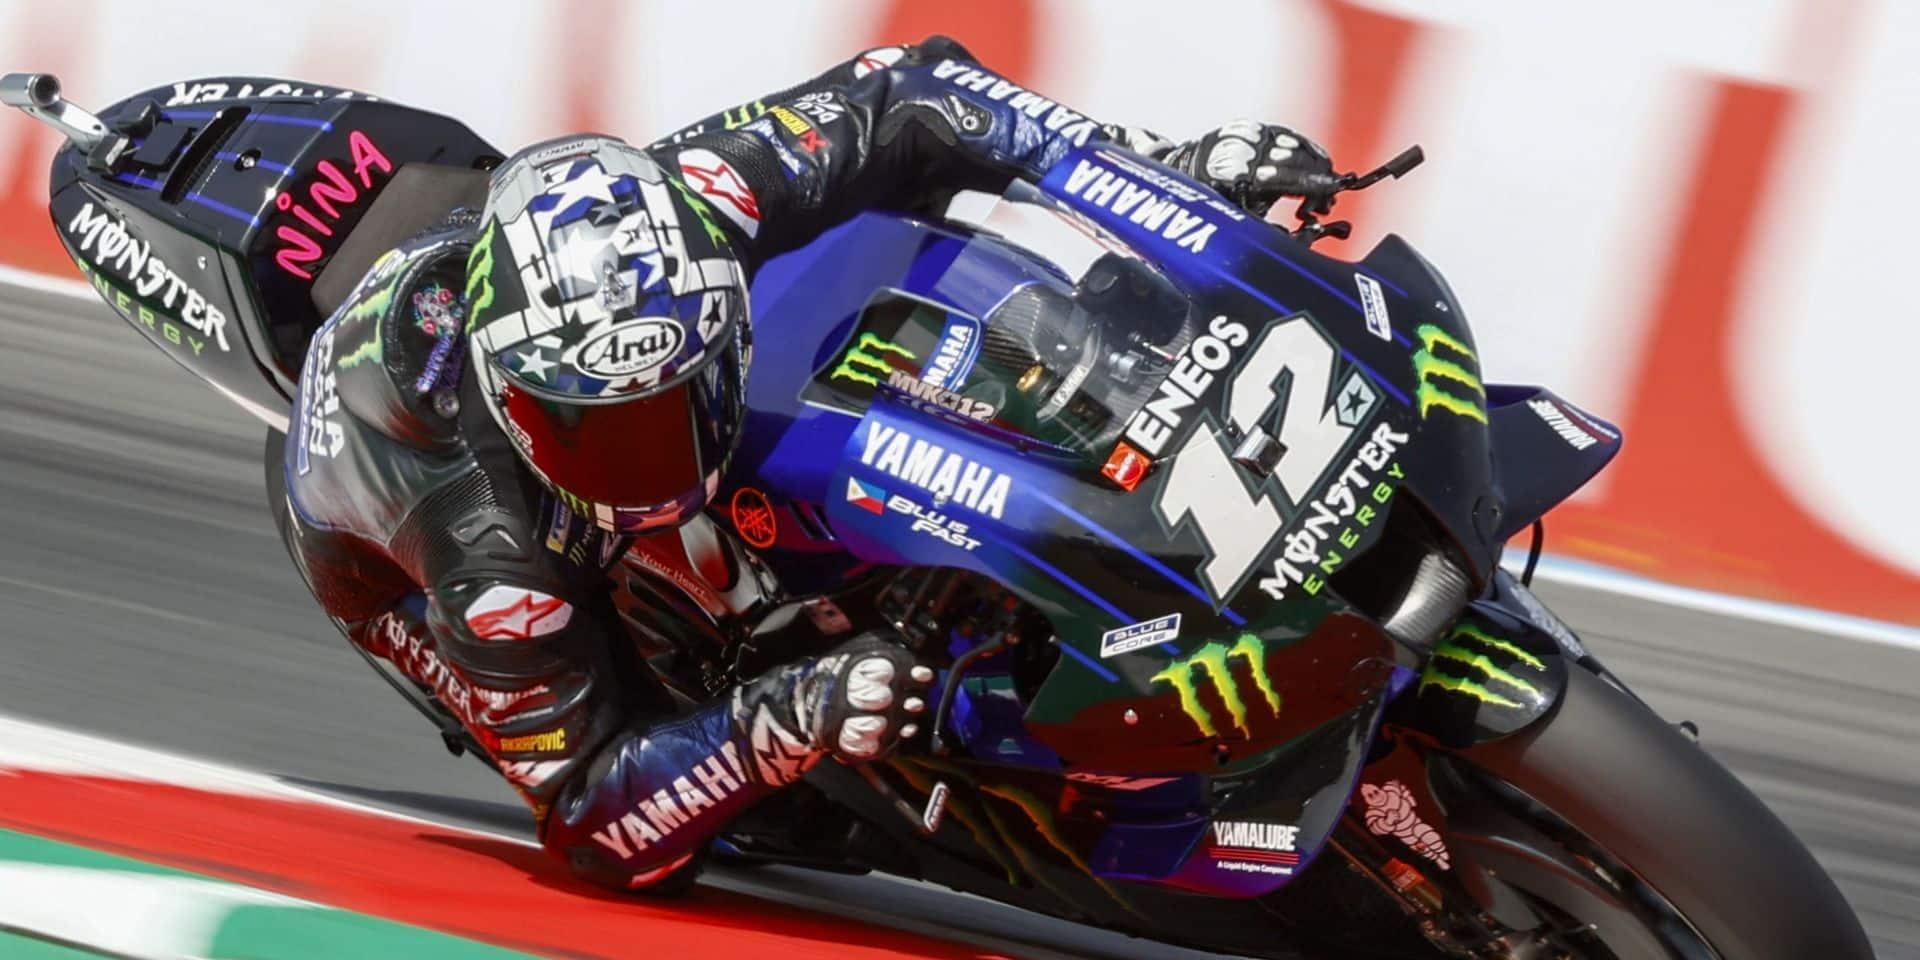 MotoGP: éclaircie inattendue pour Vinales, en pole aux Pays-Bas